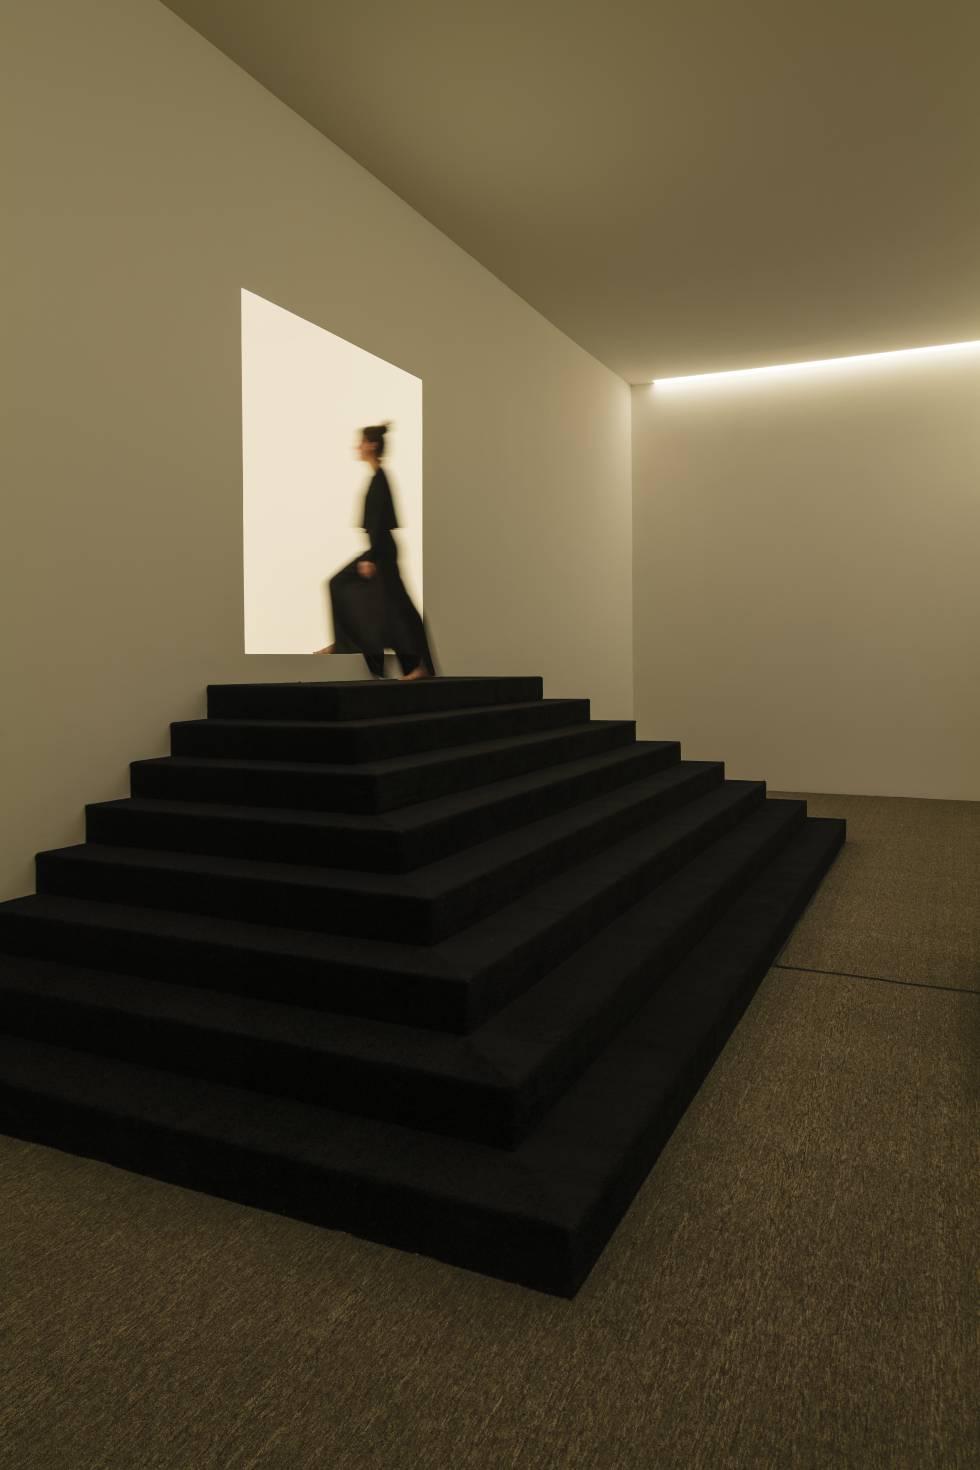 In his installation 'Ganzfeld', the artist recreates the phenomenon of loss of depth perception